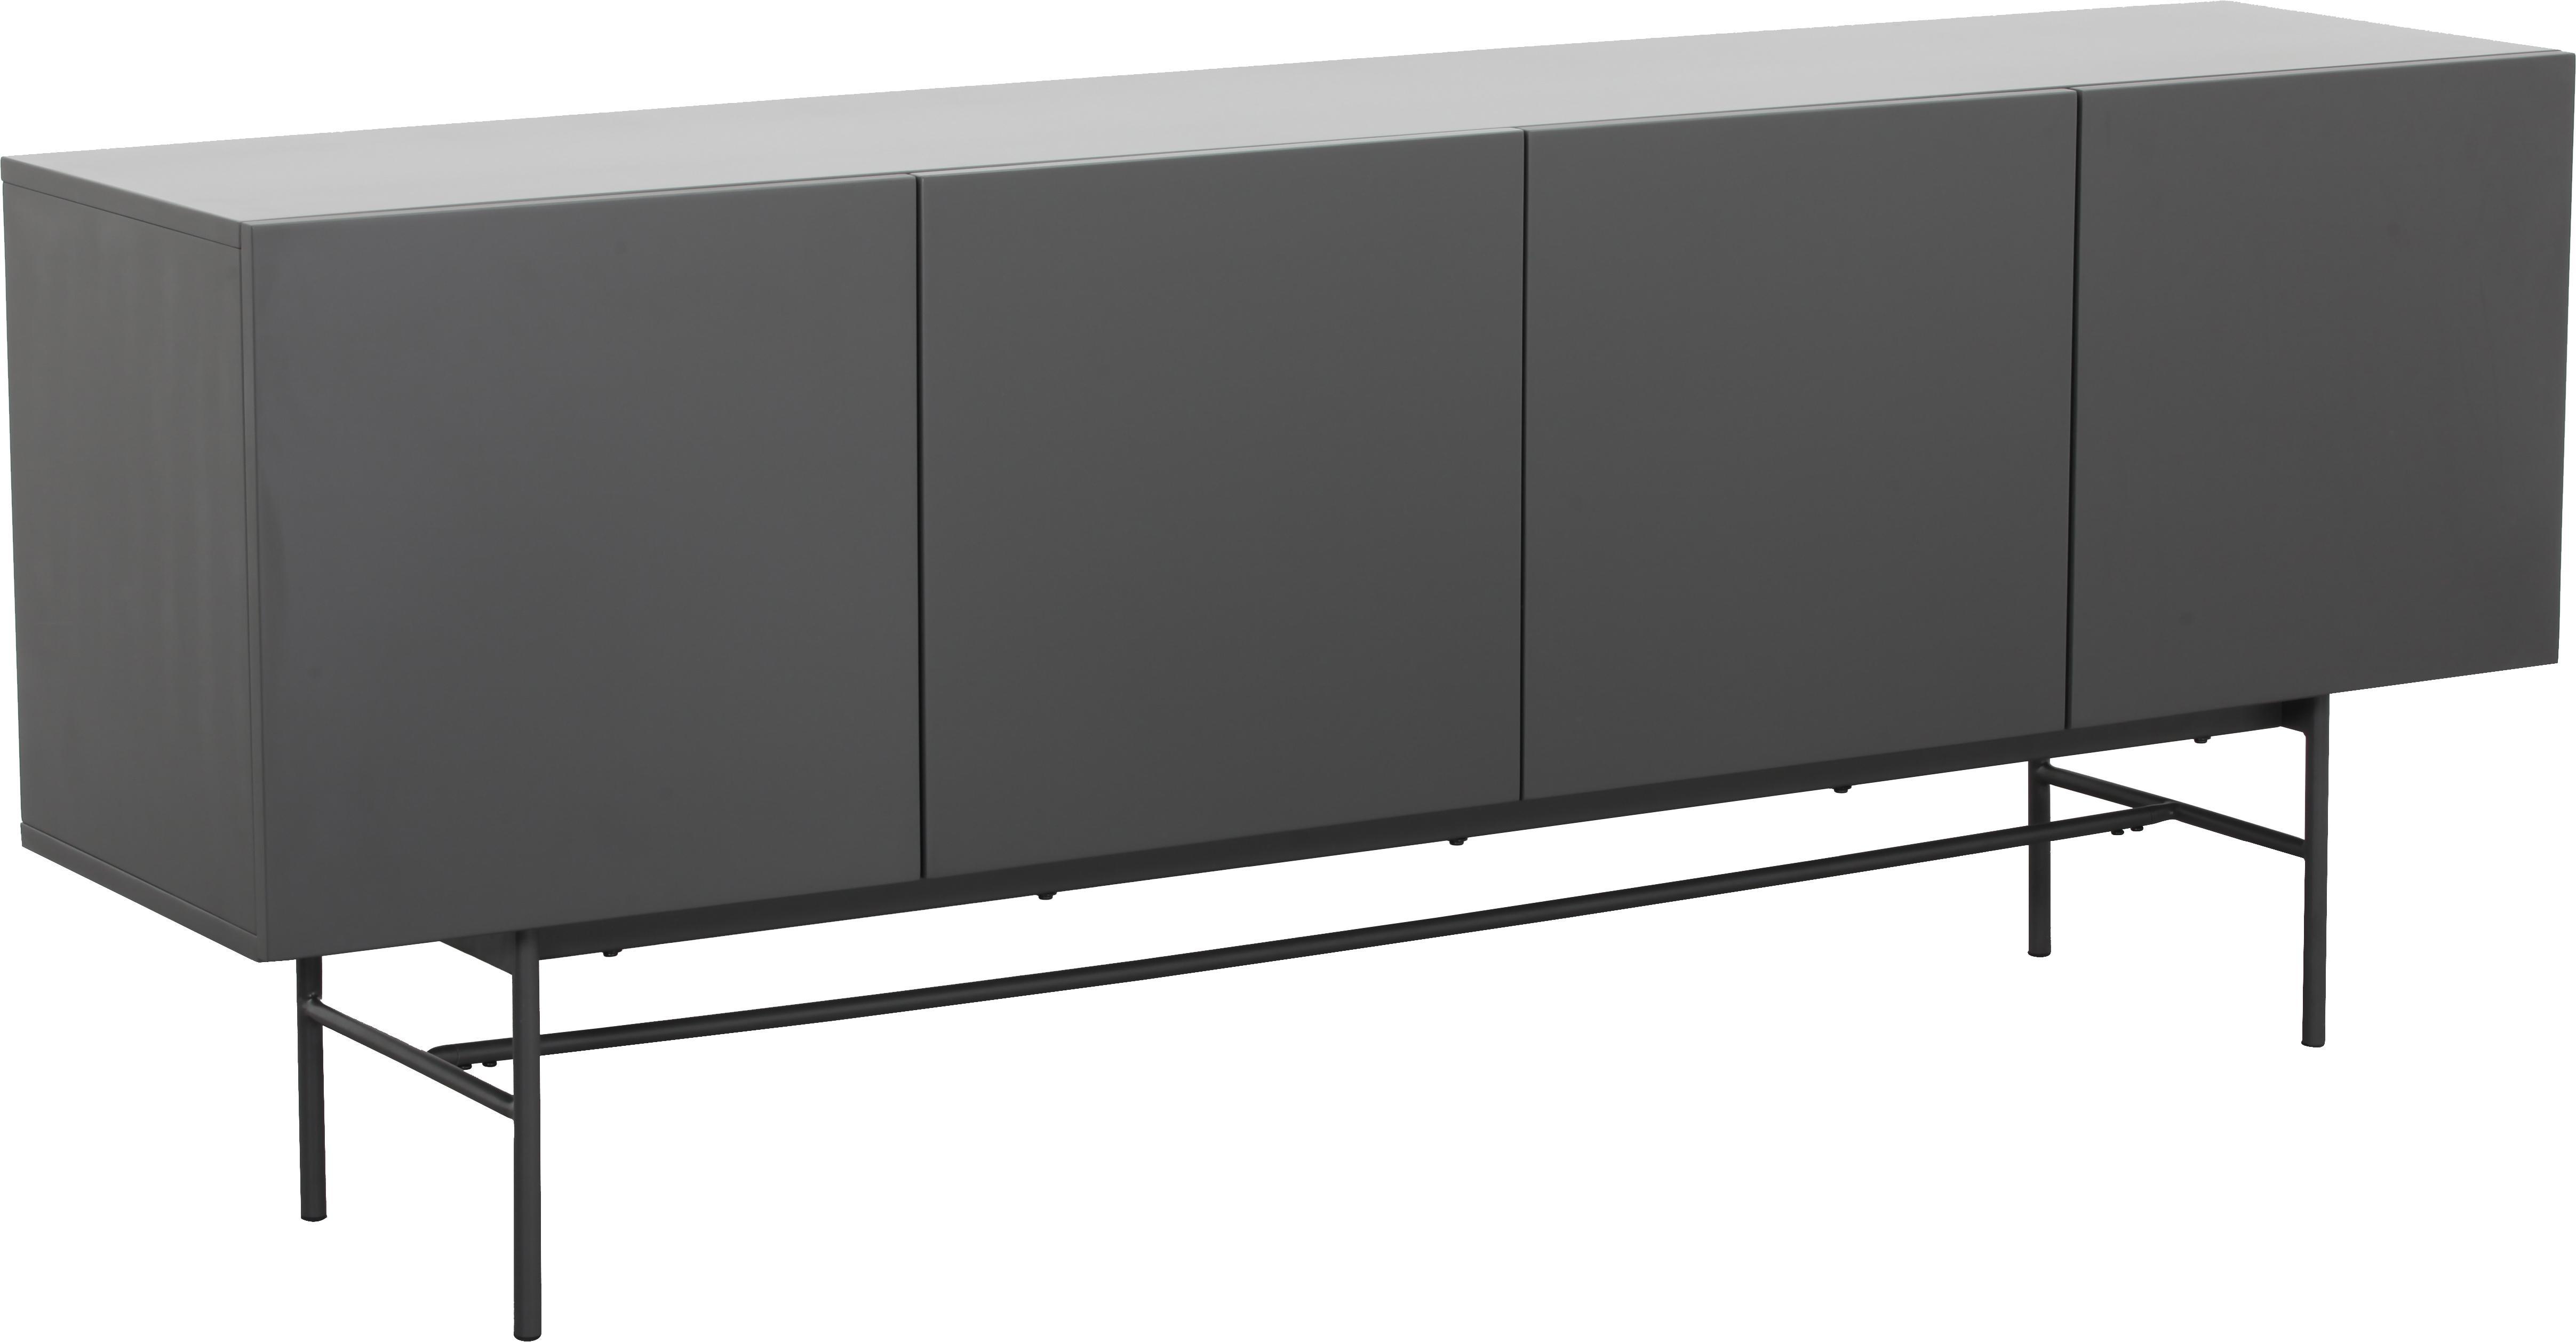 Modernes Sideboard Anders, Korpus: Mitteldichte Holzfaserpla, Füße: Metall, pulverbeschichtet, Korpus: GrauFüße: Grau, matt, 200 x 80 cm